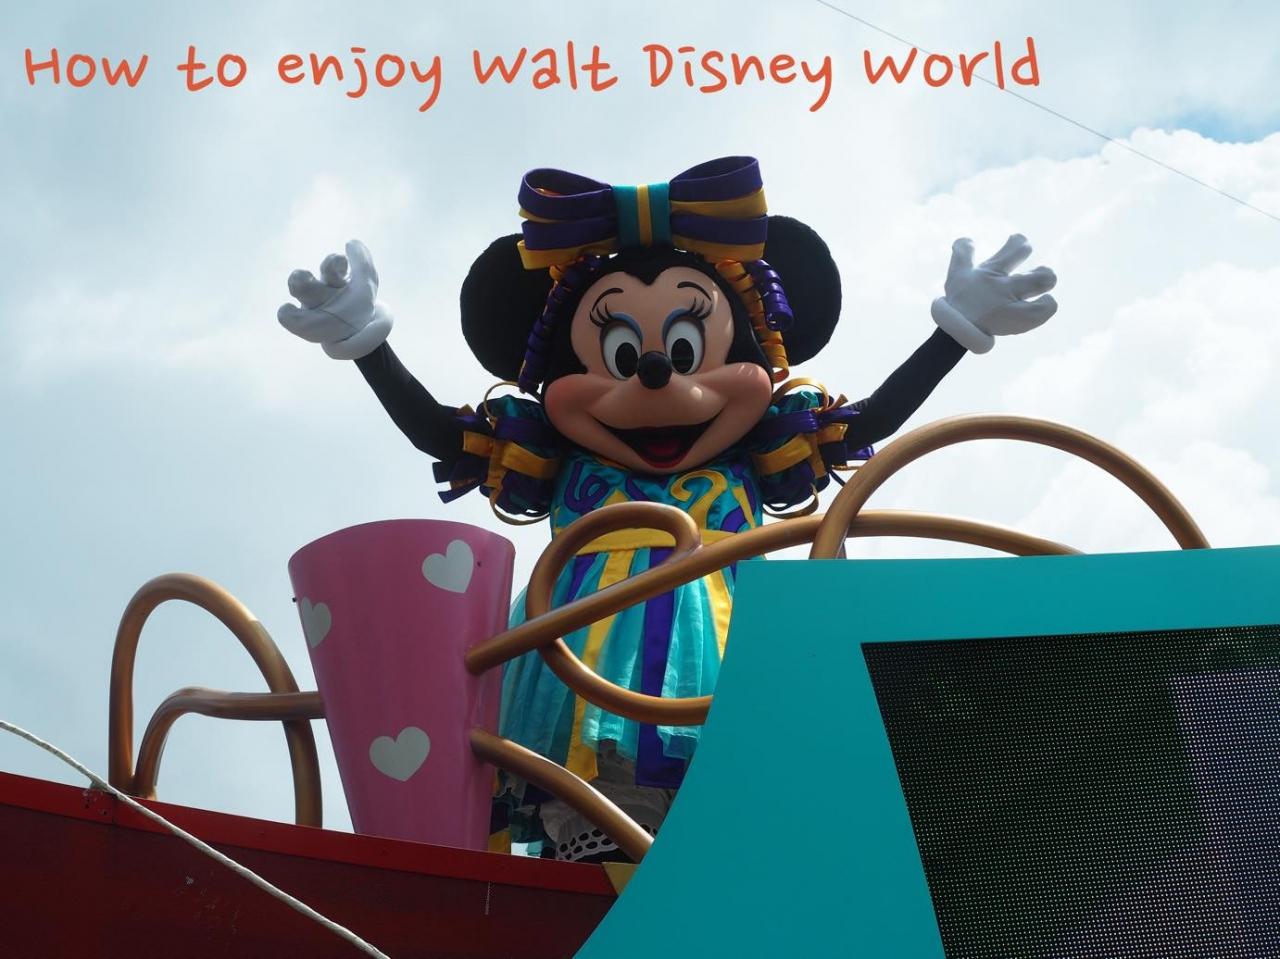 フロリダ旅行 ウォルトディズニーワールド どのパークに行く